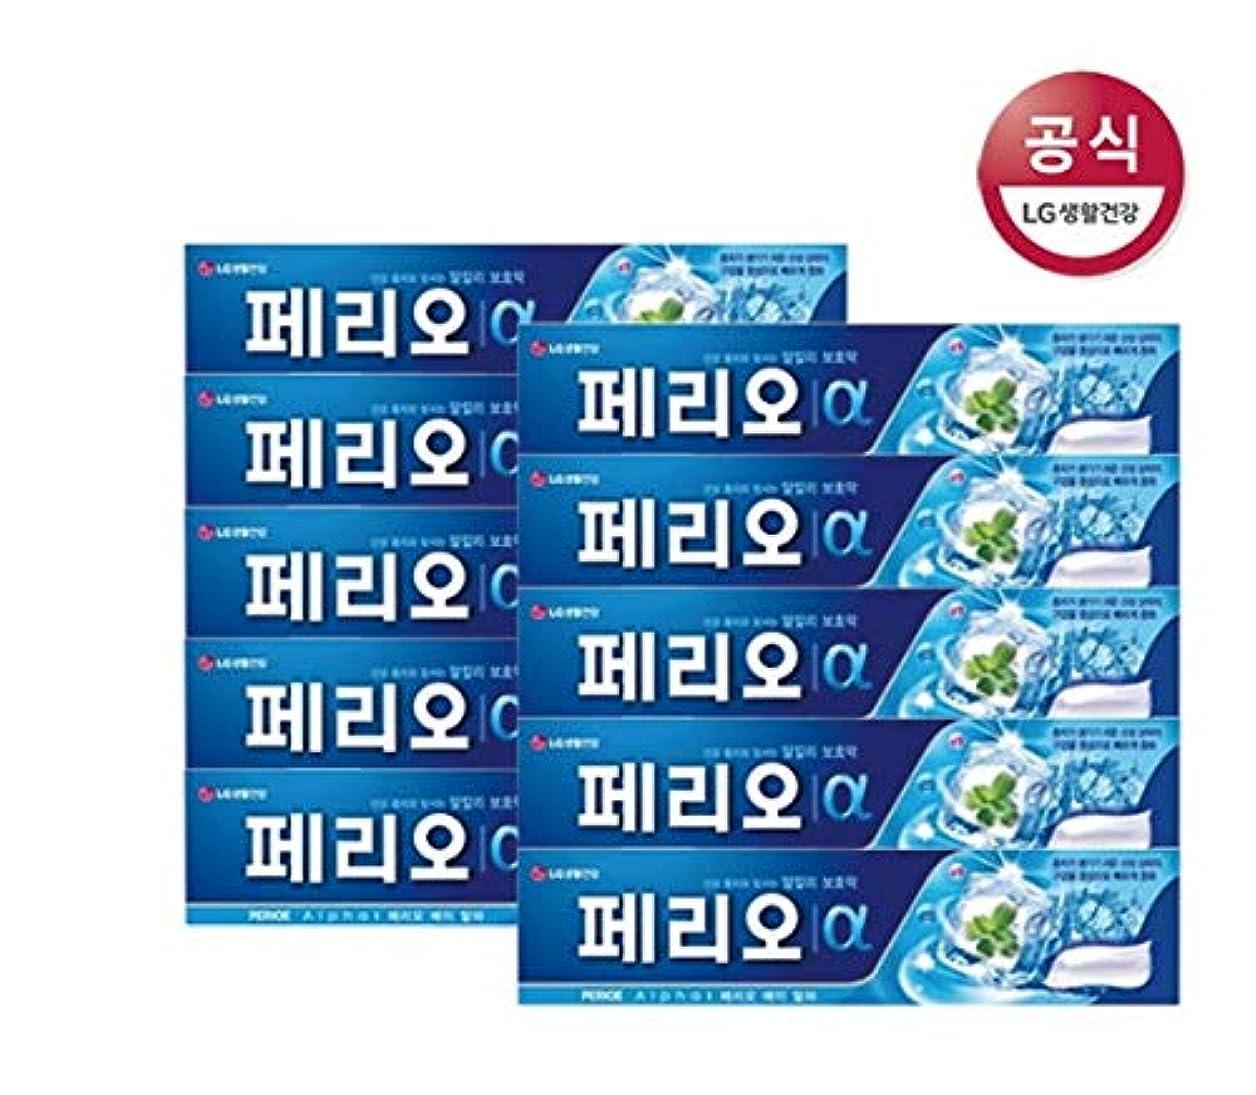 進捗アレルギー性活気づける[LG Care/LG生活健康]ペリオアルファ歯磨き粉170g x10個/歯磨きセットスペシャル?リミテッドToothpaste Set Special Limited Korea(海外直送品)